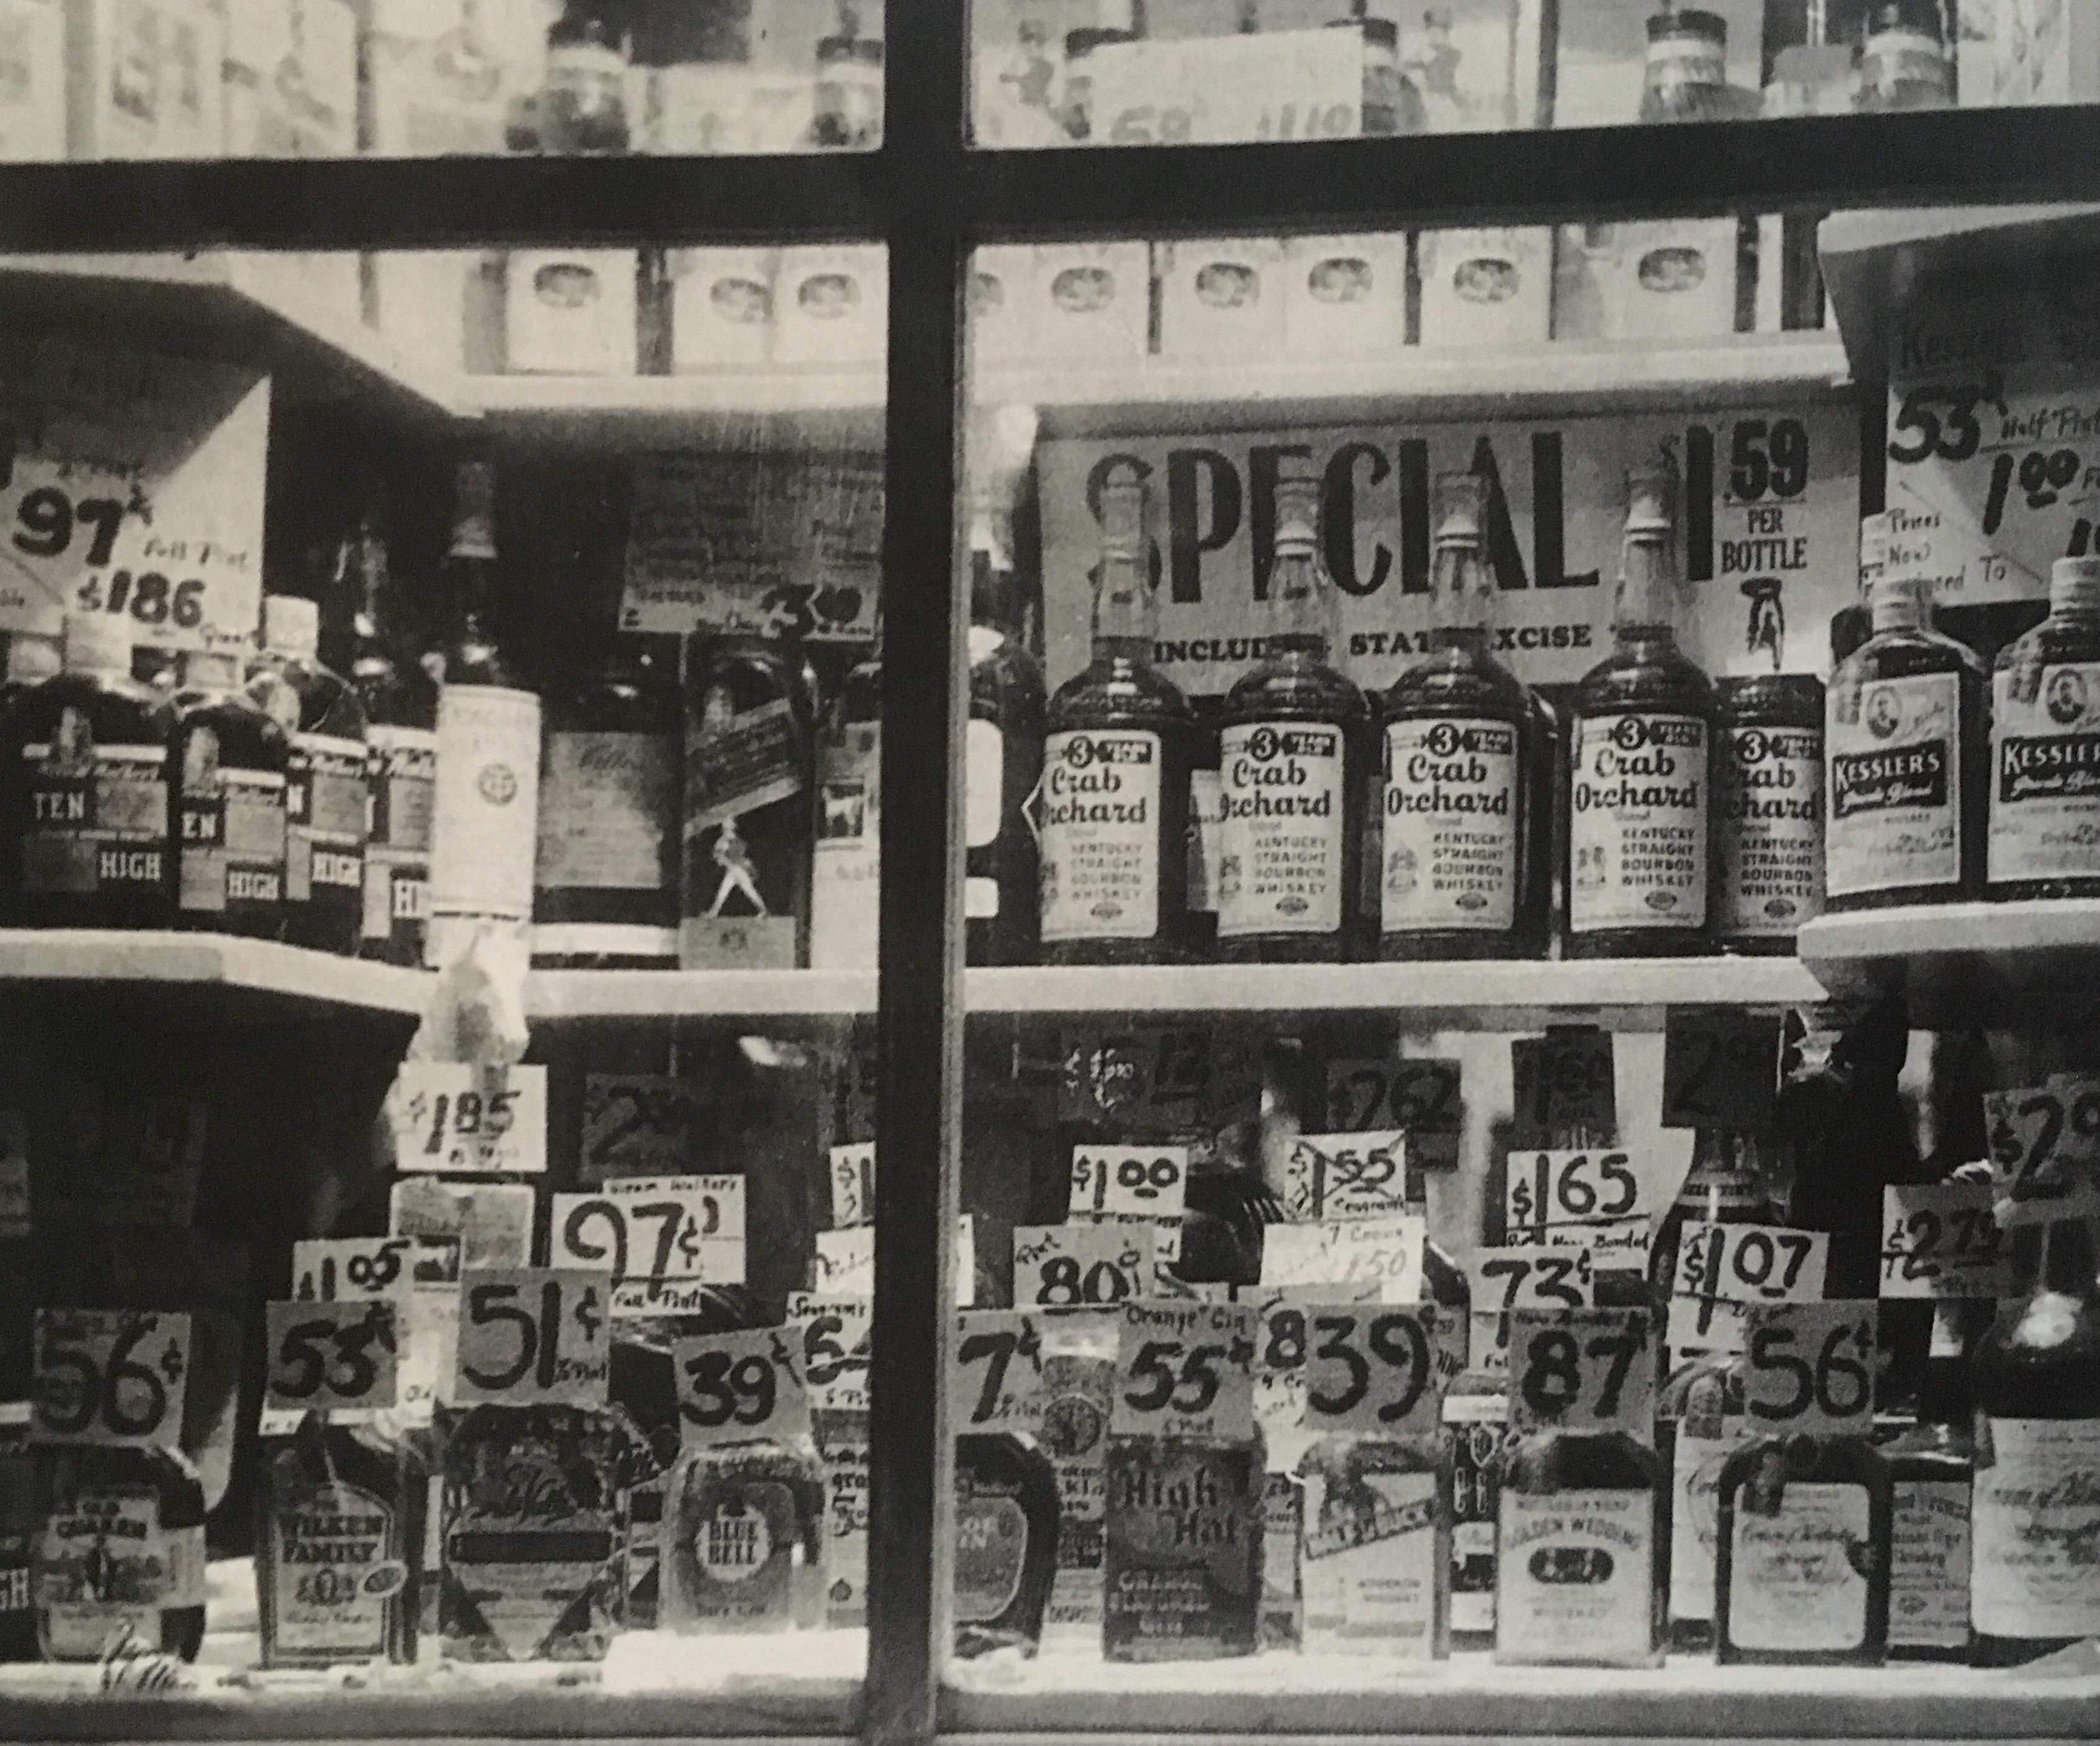 Wing Chong Market 1930s